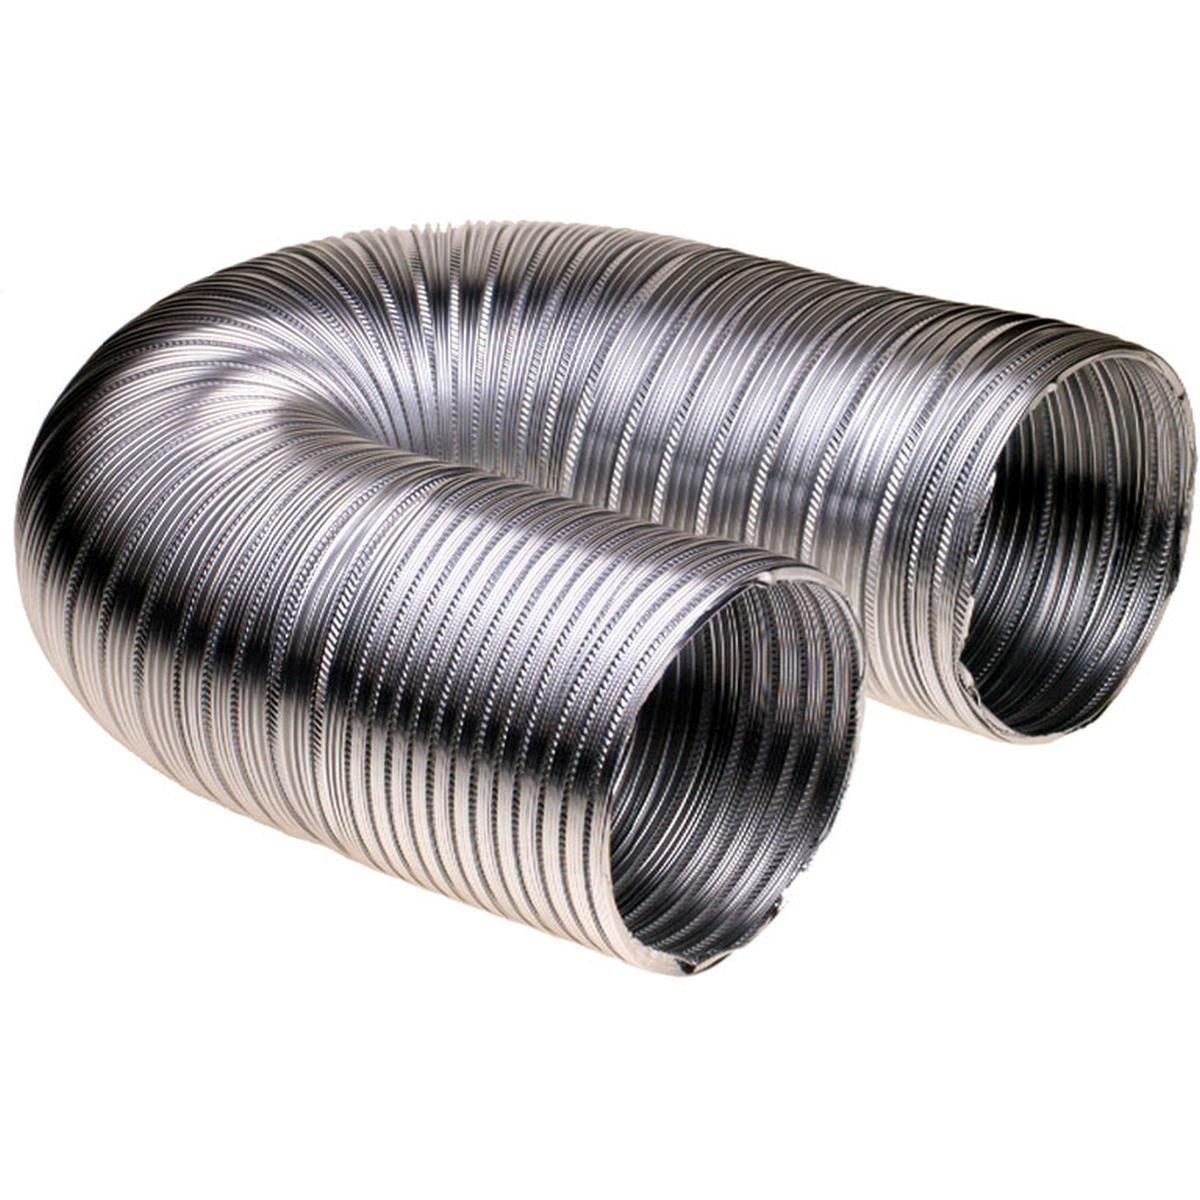 Aftræksslange i aluminium Ø152 mm. 1,5 meter